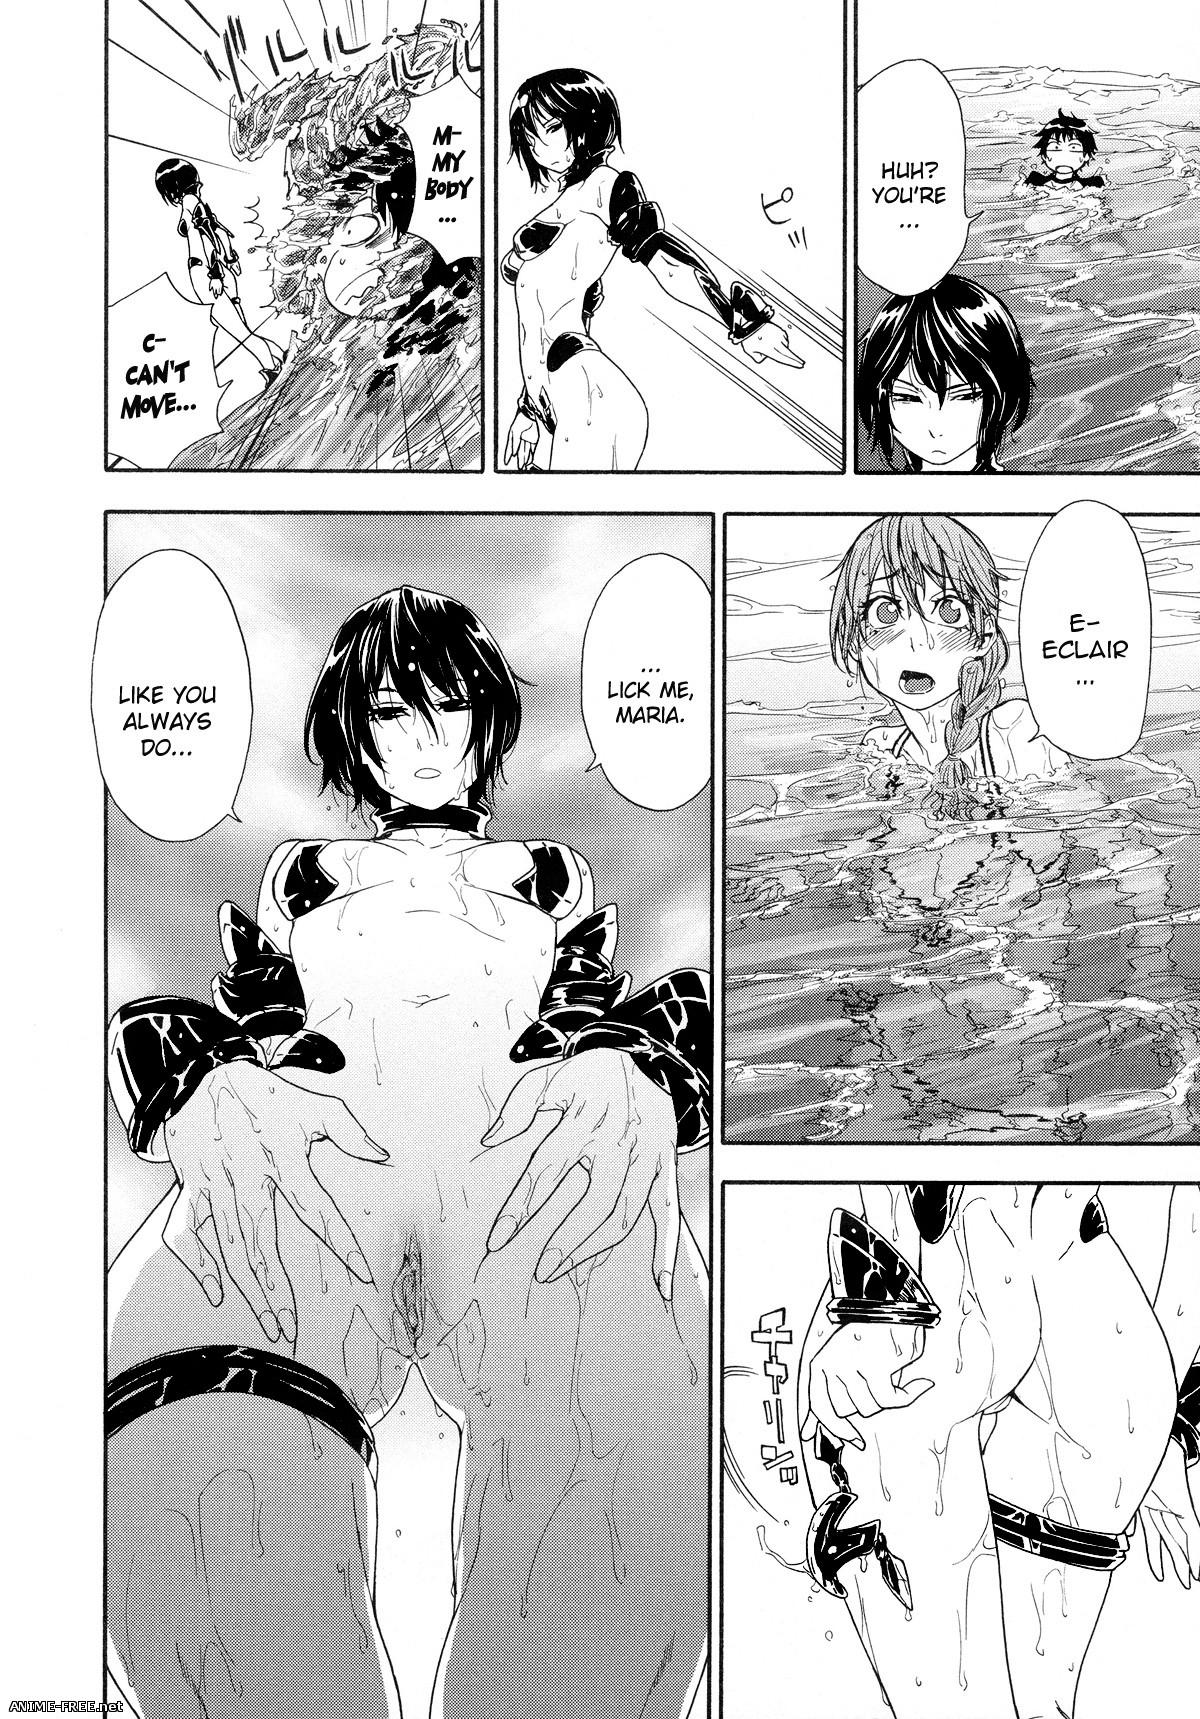 Yamatogawa - Сборник хентай манги [Ptcen] [ENG,RUS,JAP] Manga Hentai